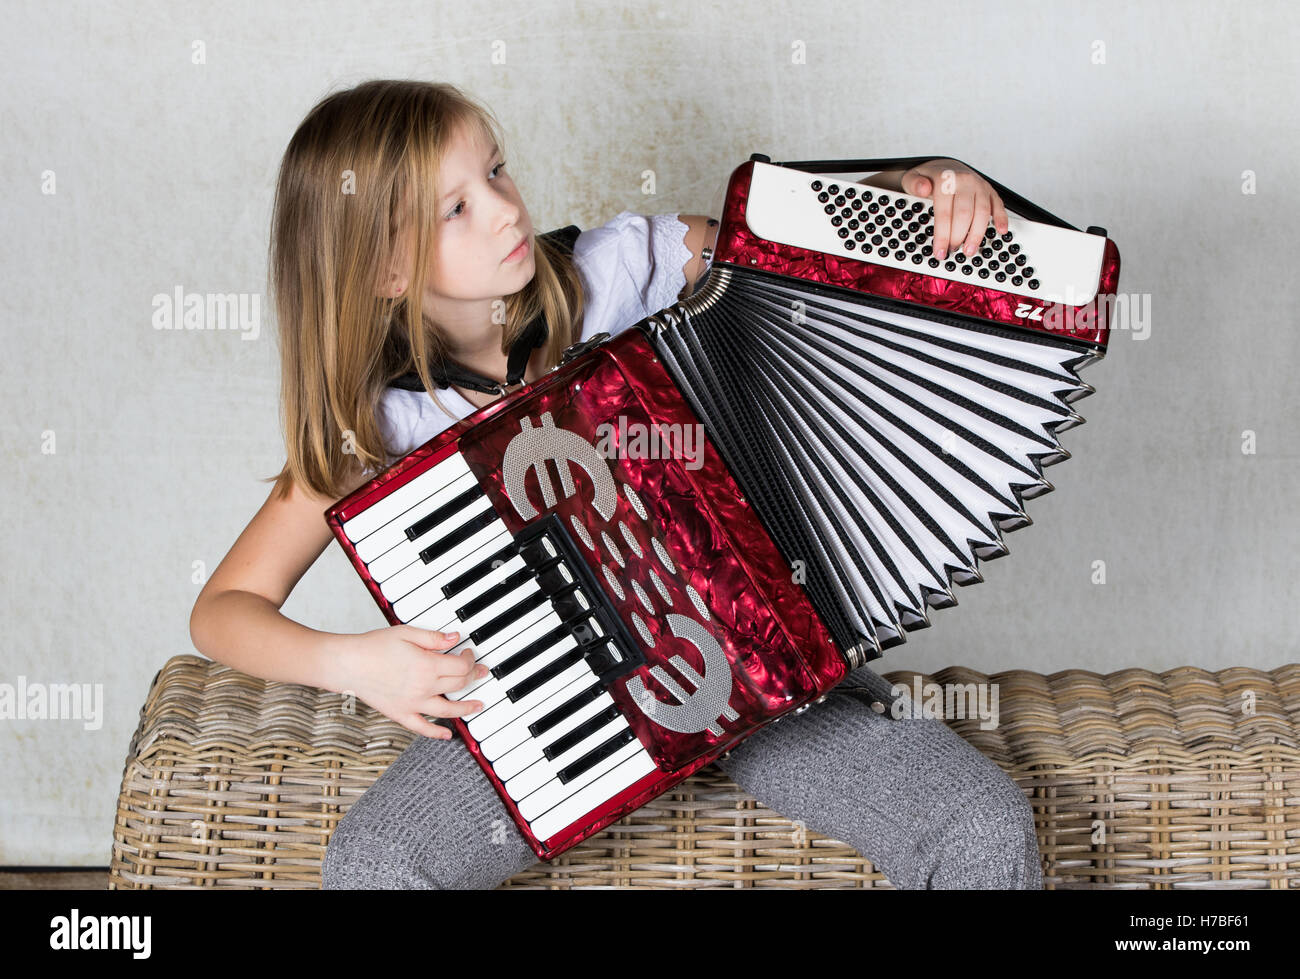 Akkordeonist Konzentration auf ihrem Akkordeon spielen Stockbild